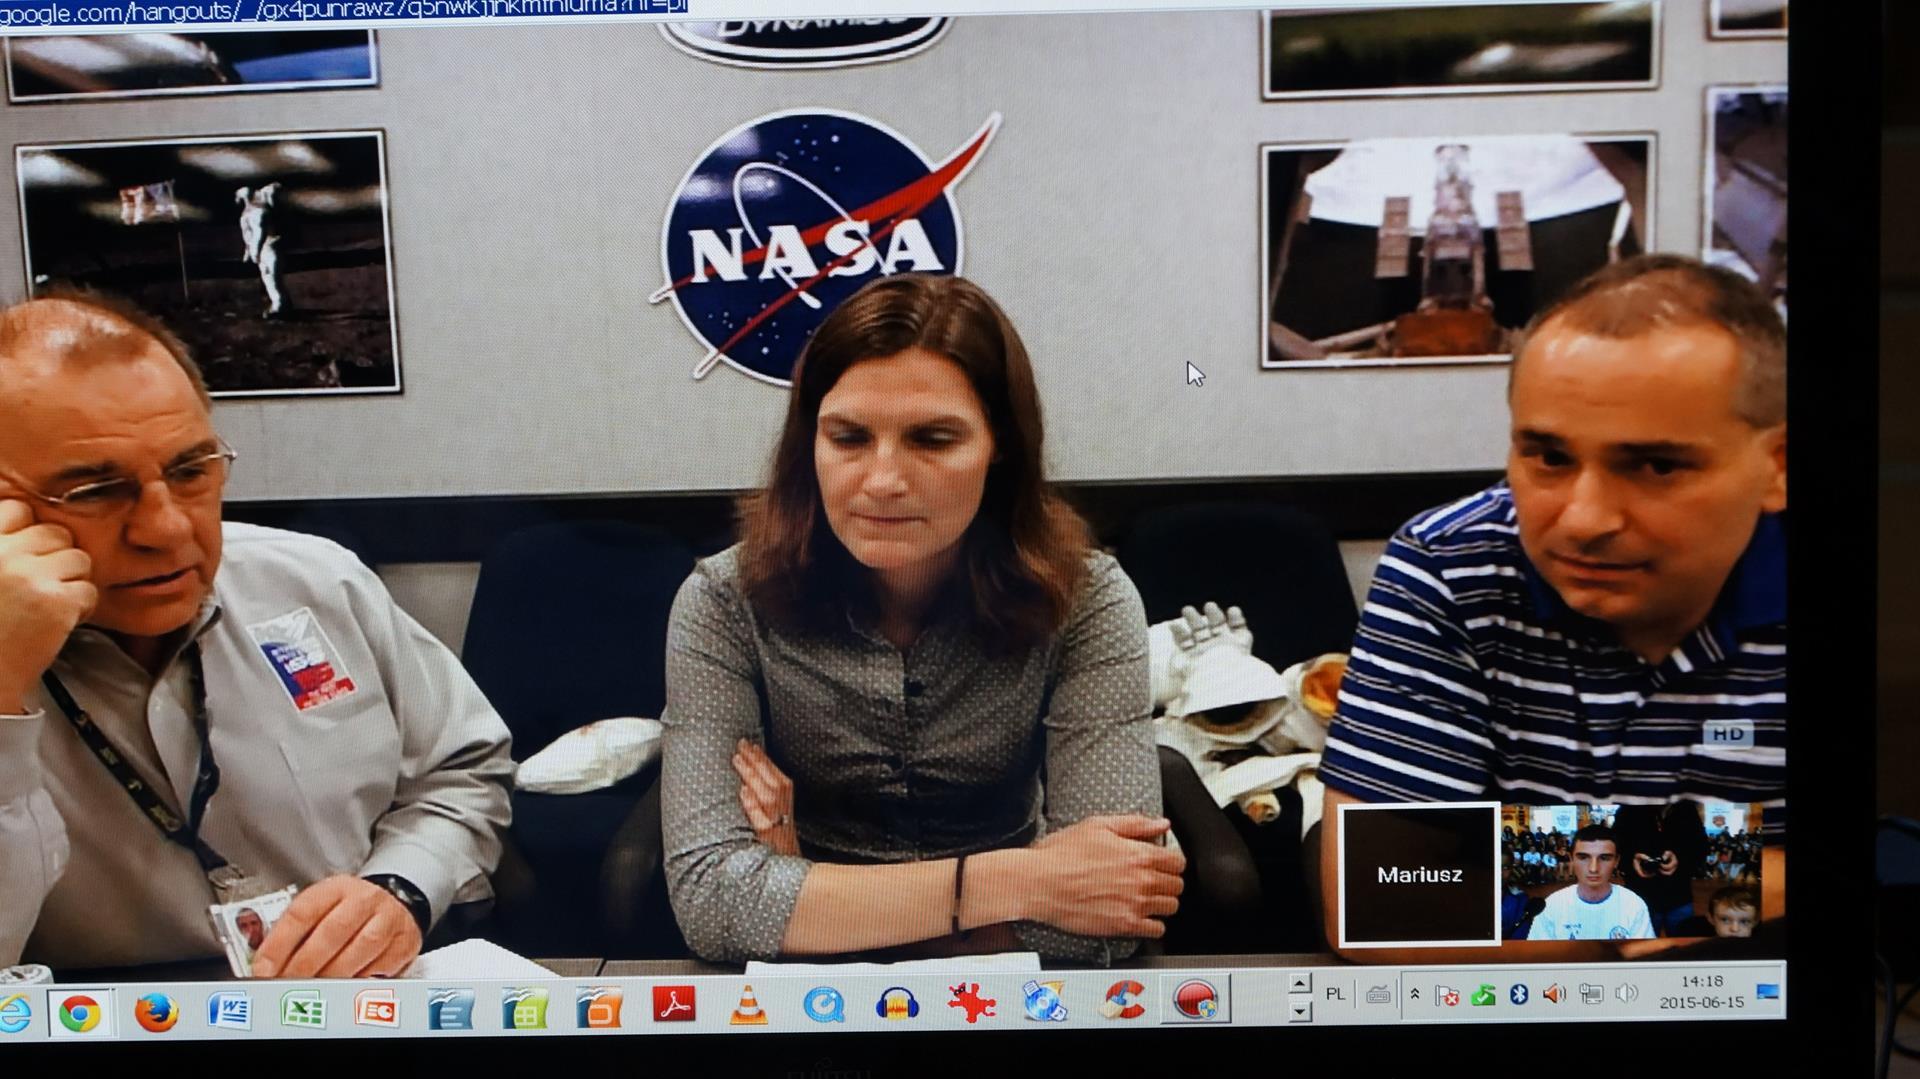 Images: NASA_7.JPG